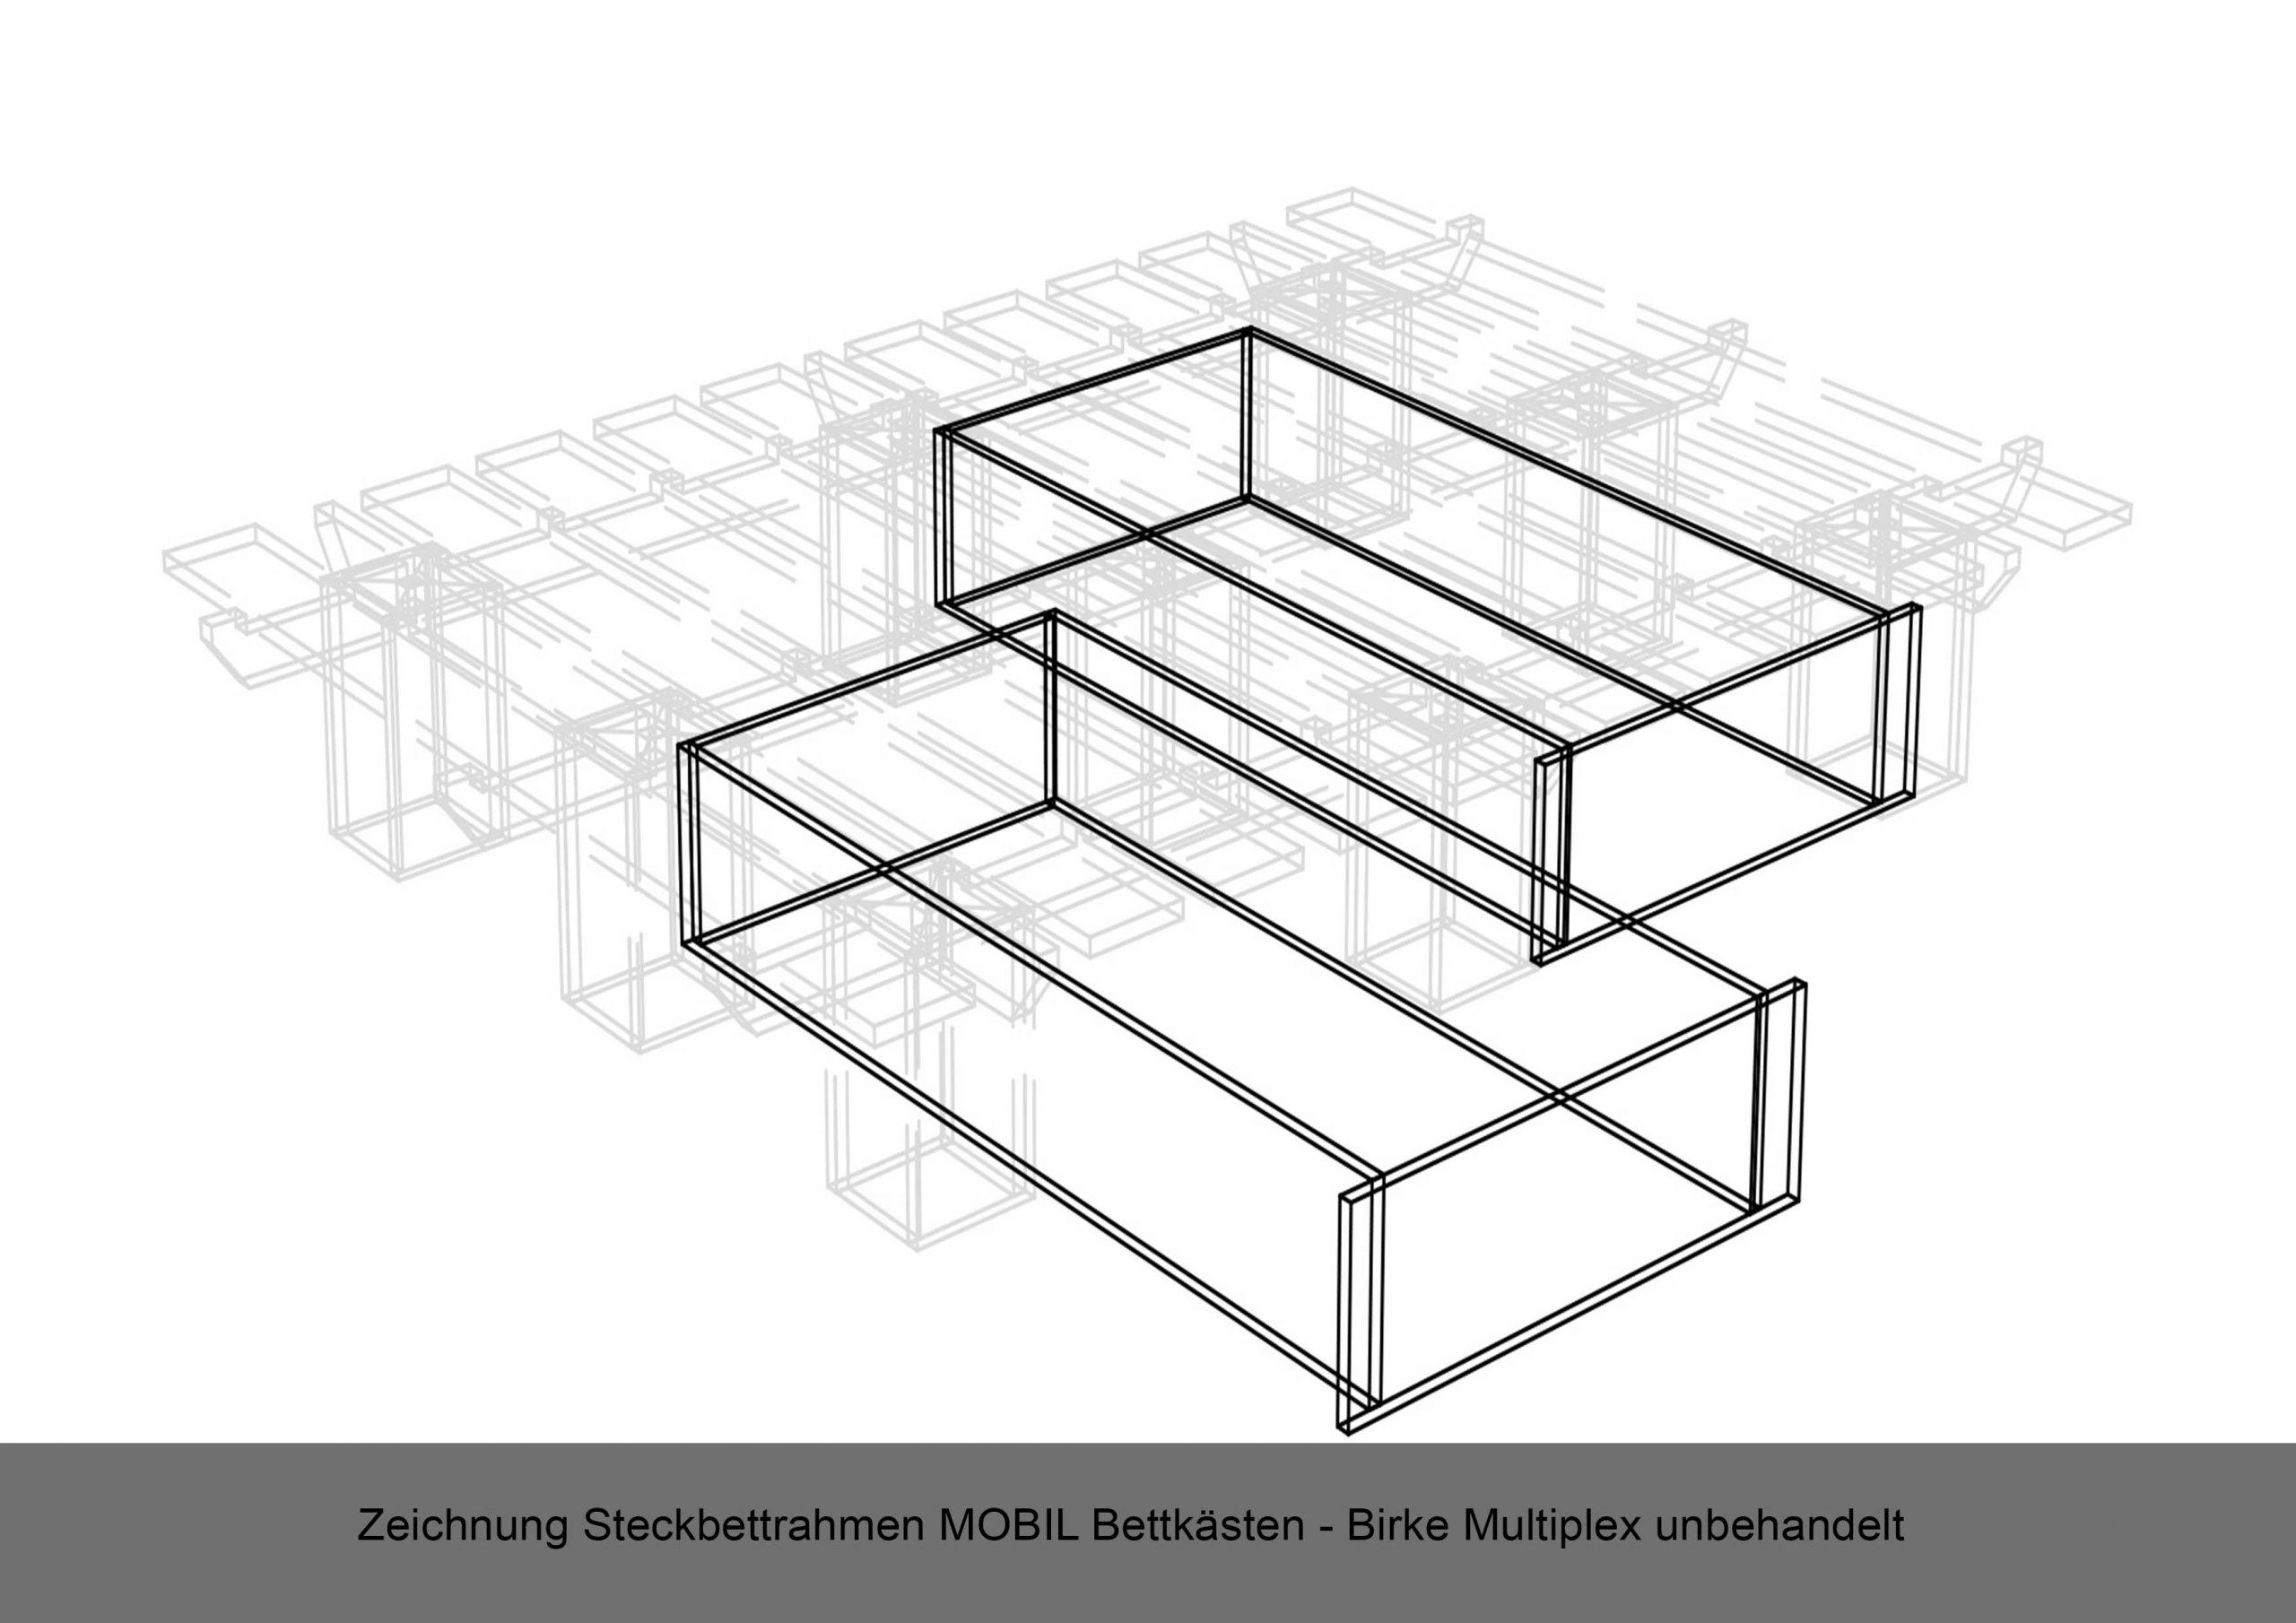 Steckbettrahmen Bettkasten Zeichnung MOBIL Multiplex Birke unbehandelt